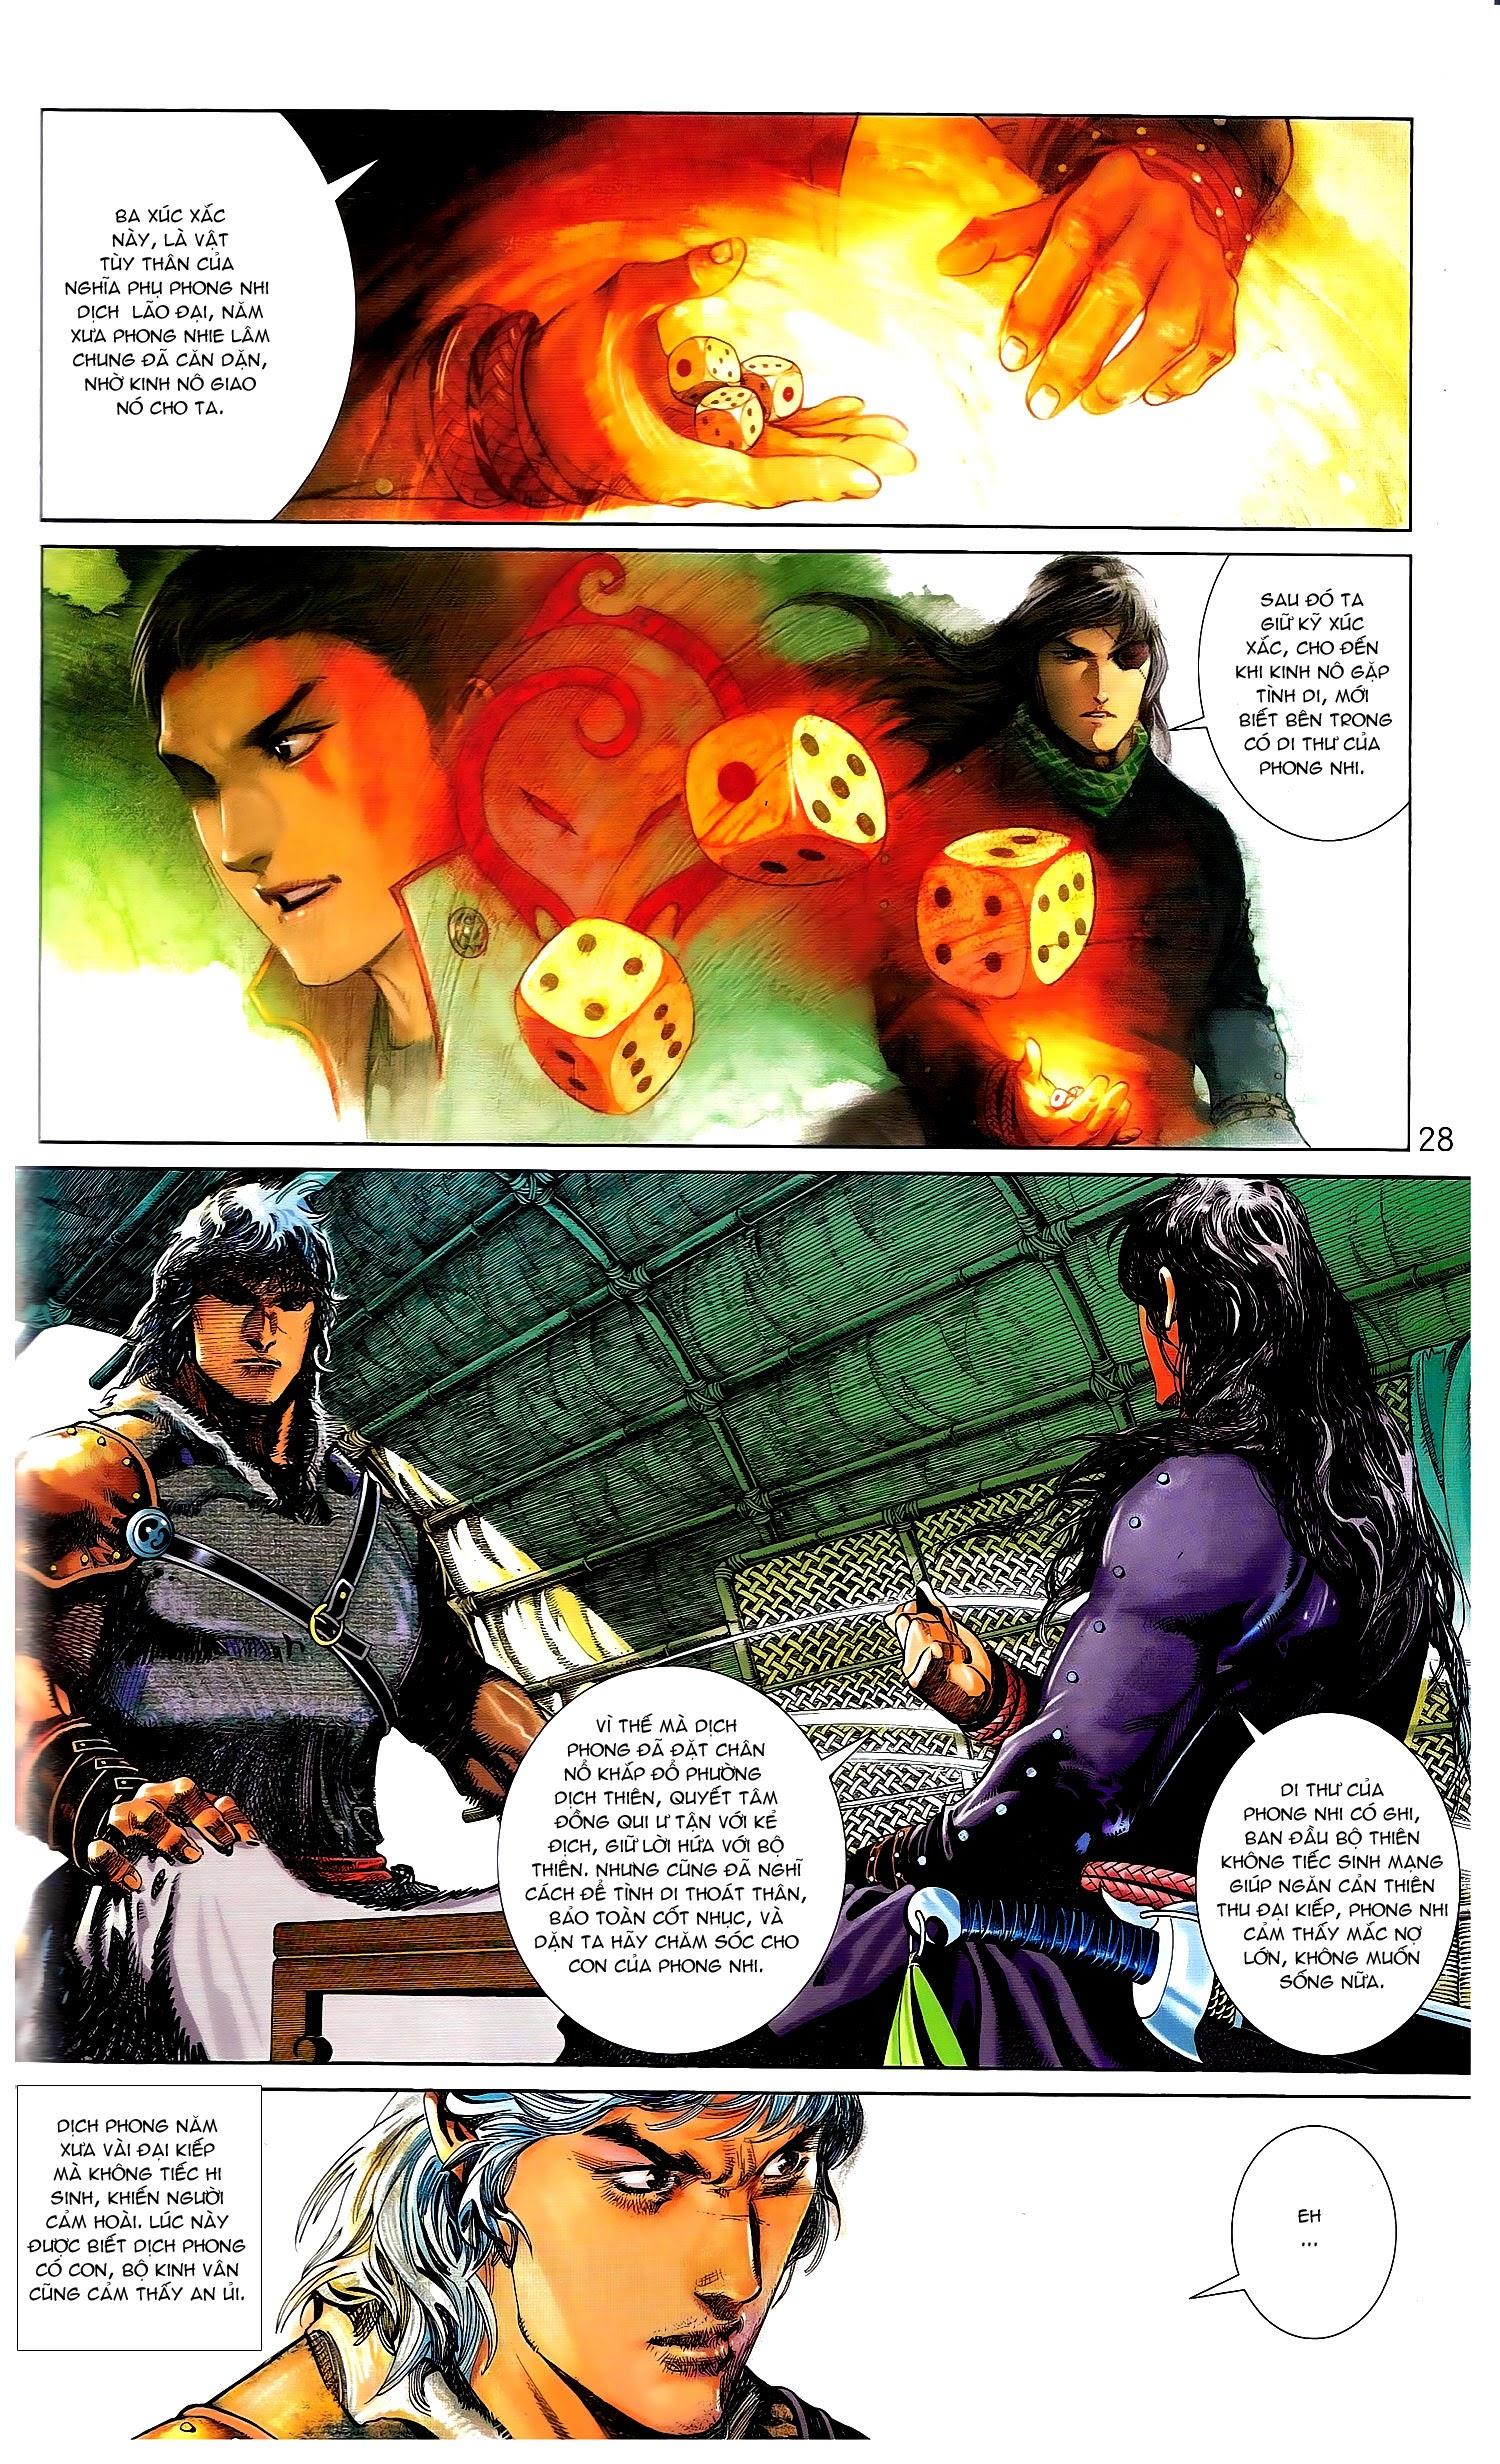 Phong Vân chap 671.1 - Trang 28